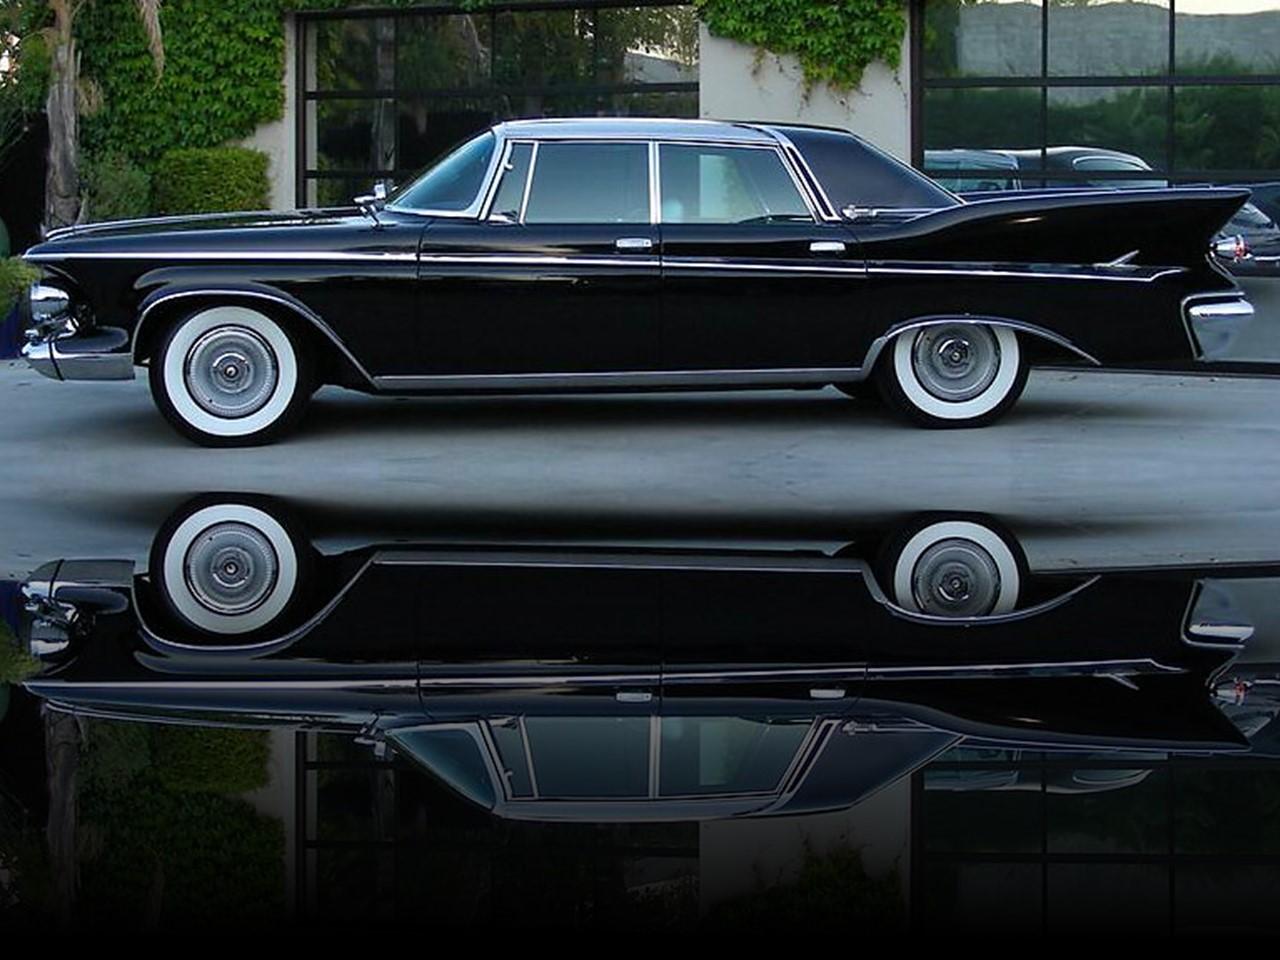 1950 Chrysler Imperial Wiring Schematics Detailed Schematic Diagrams Desoto Diagram Bass Tracker